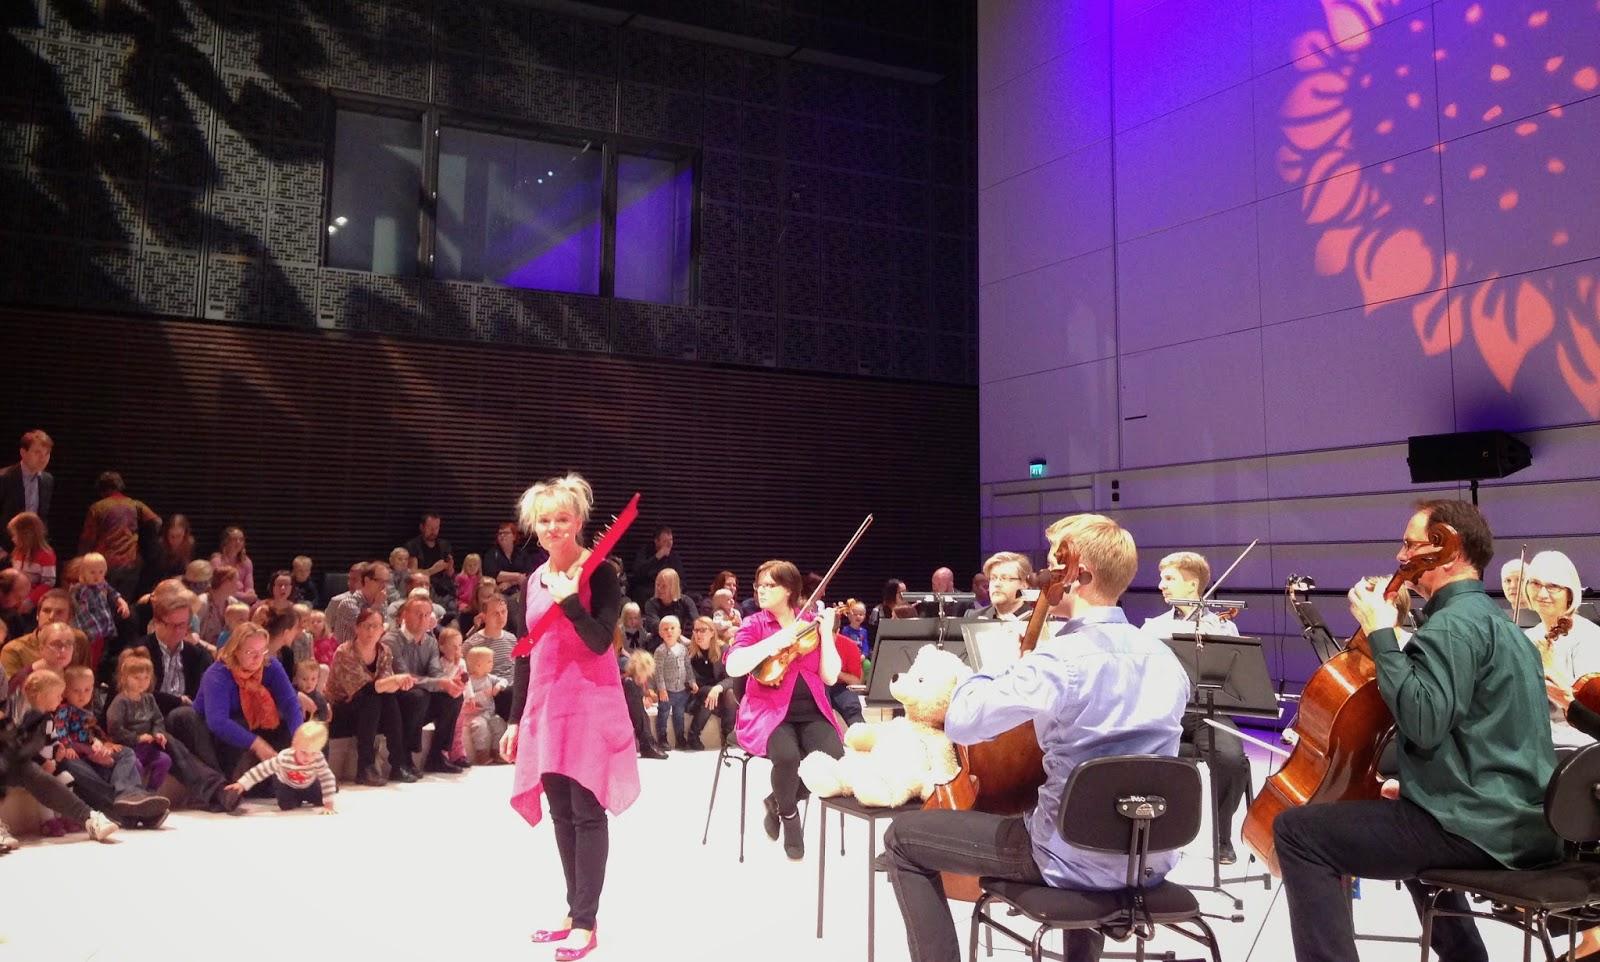 Nalle Nappisilmä, HKO, HSO, Helsingfors stads orkester, barnkonsert, Musikhuset, Musiikkitalo,